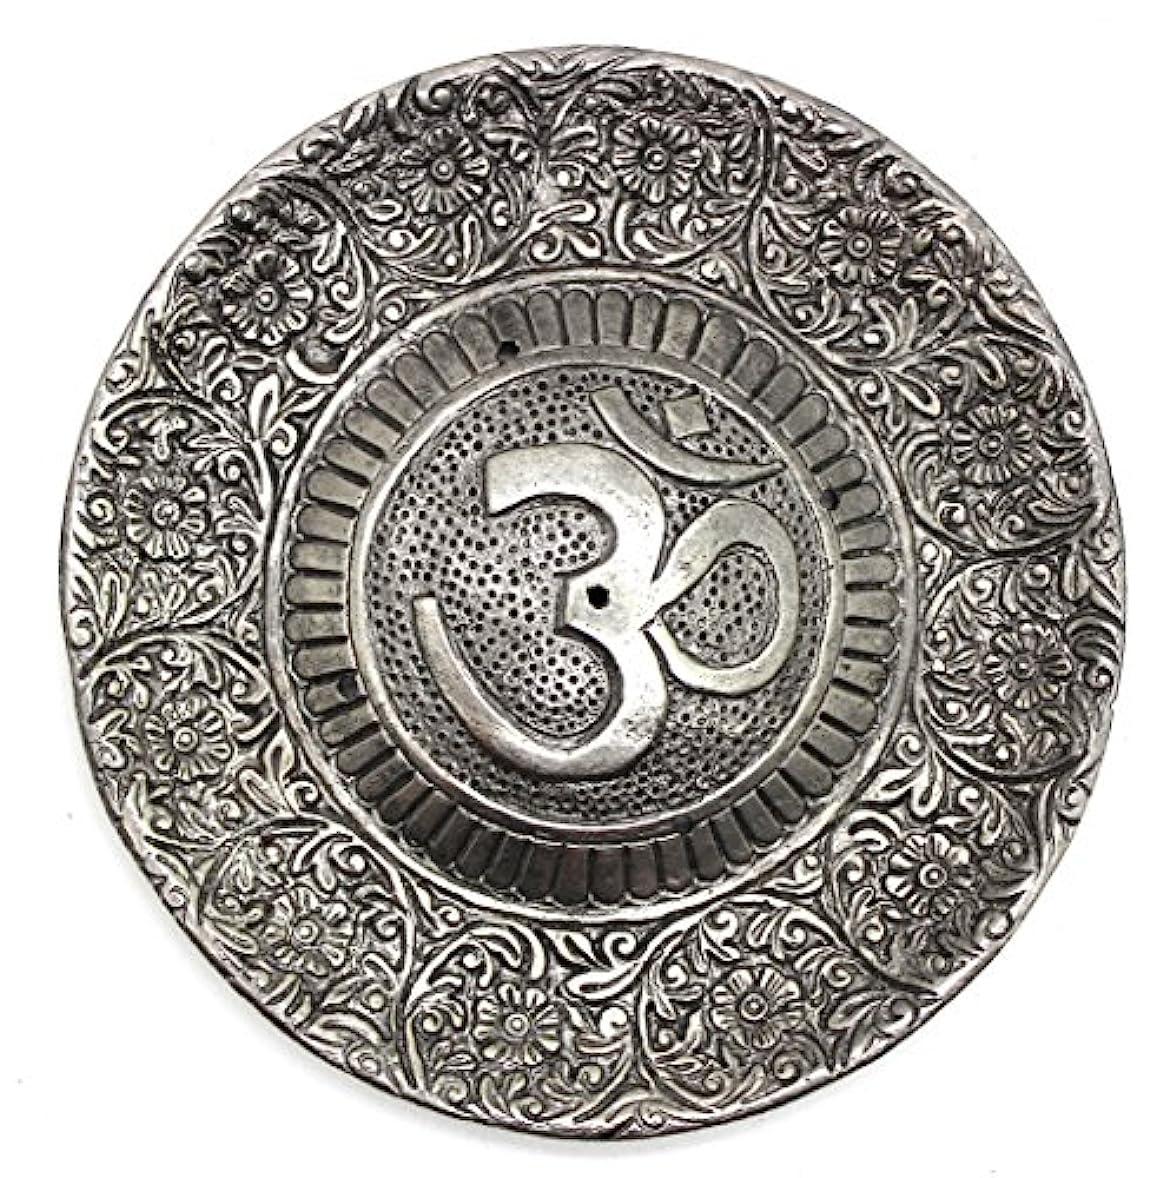 肯定的管理者ルームGovinda - Tibetan Incense Burner - Larger OM Symbol - 11cm Diameter